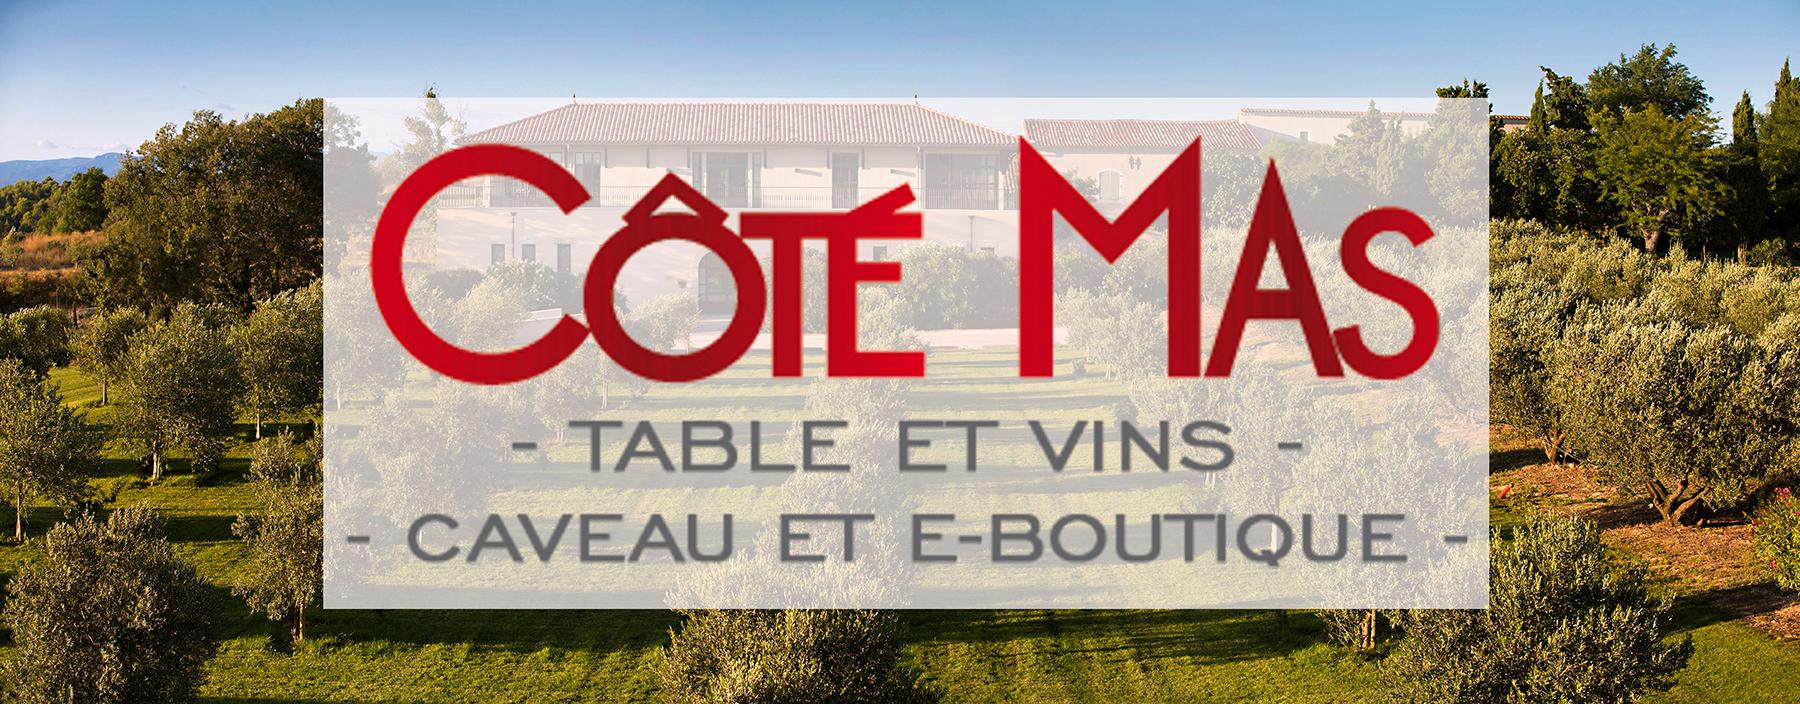 Côté Mas Restaurant Caveau E boutique